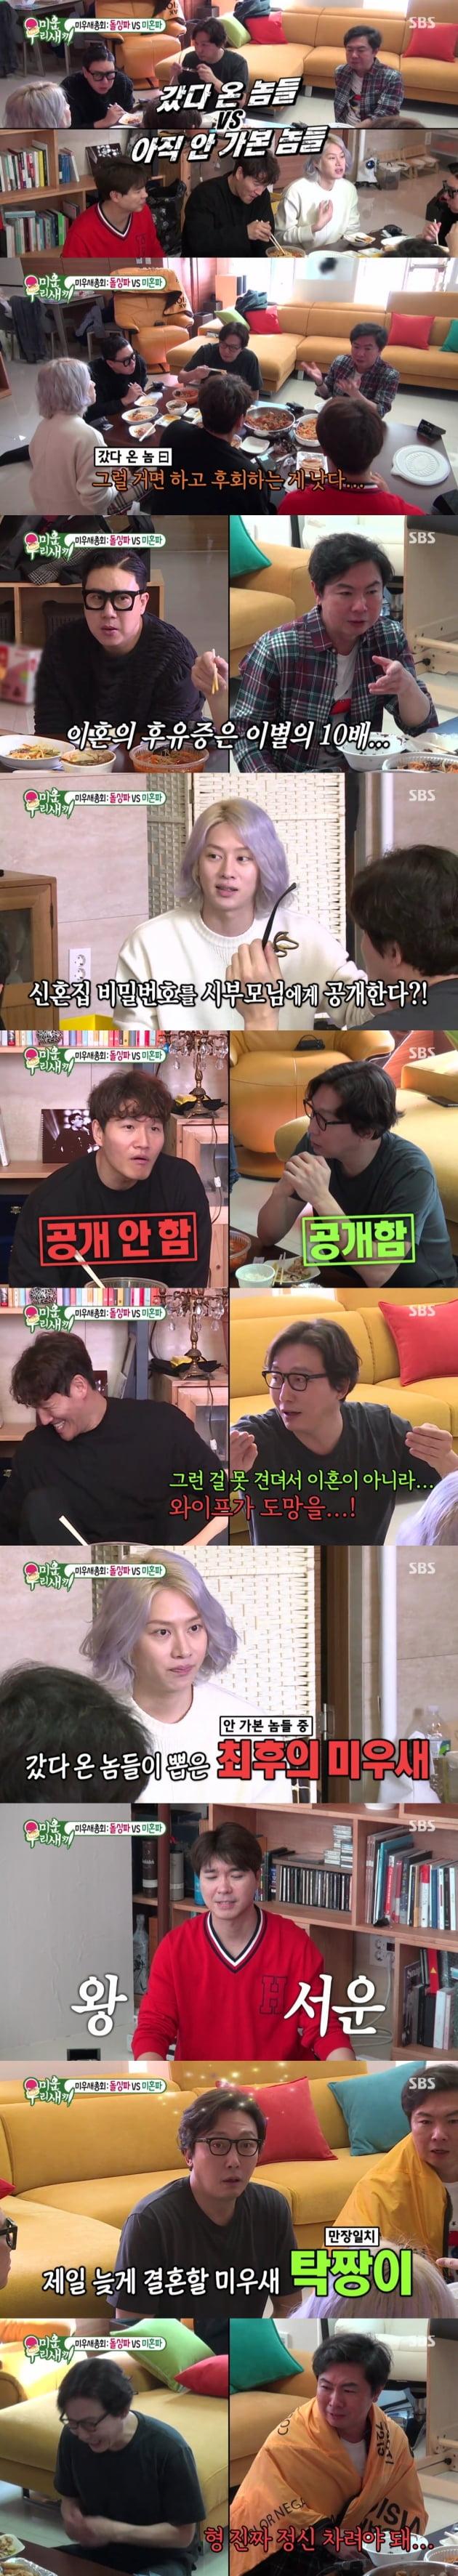 '미운우리새끼' 지난 19일 방영분 /사진=SBS